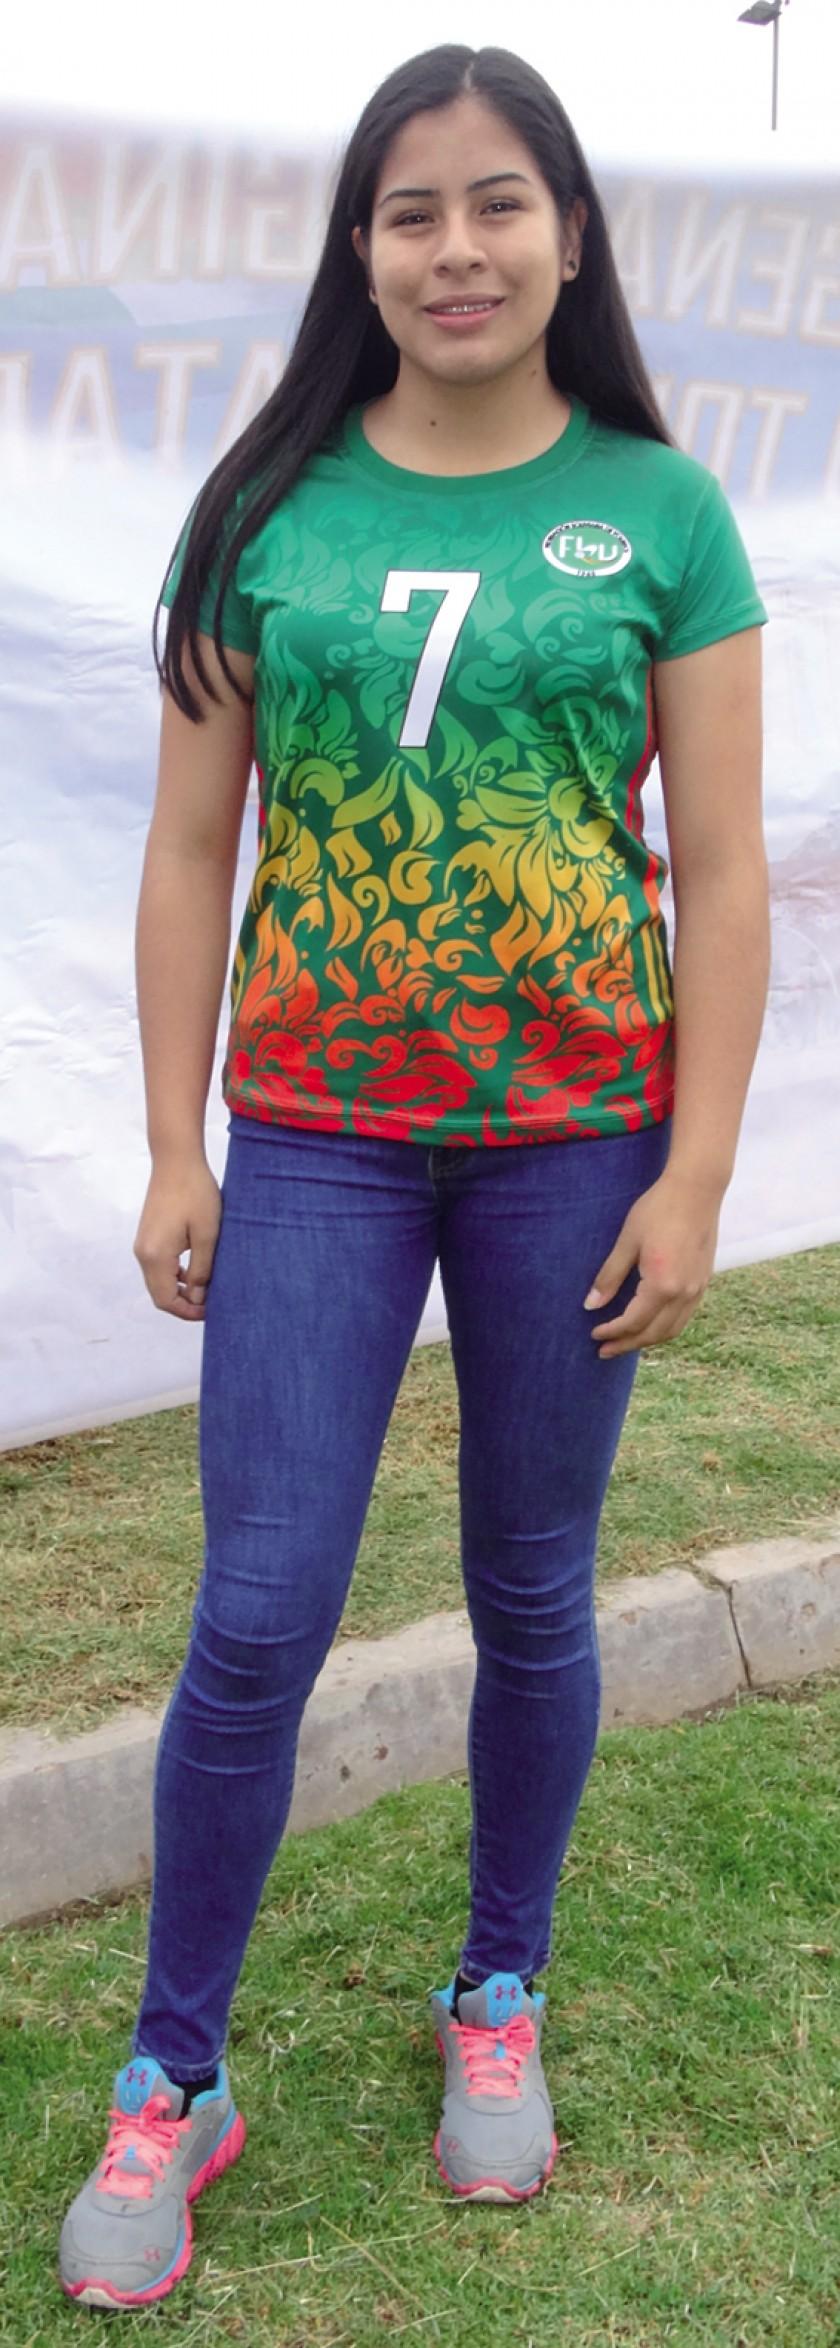 La voleibolista Michelle Lora. Foto: CORREO DEL SUR